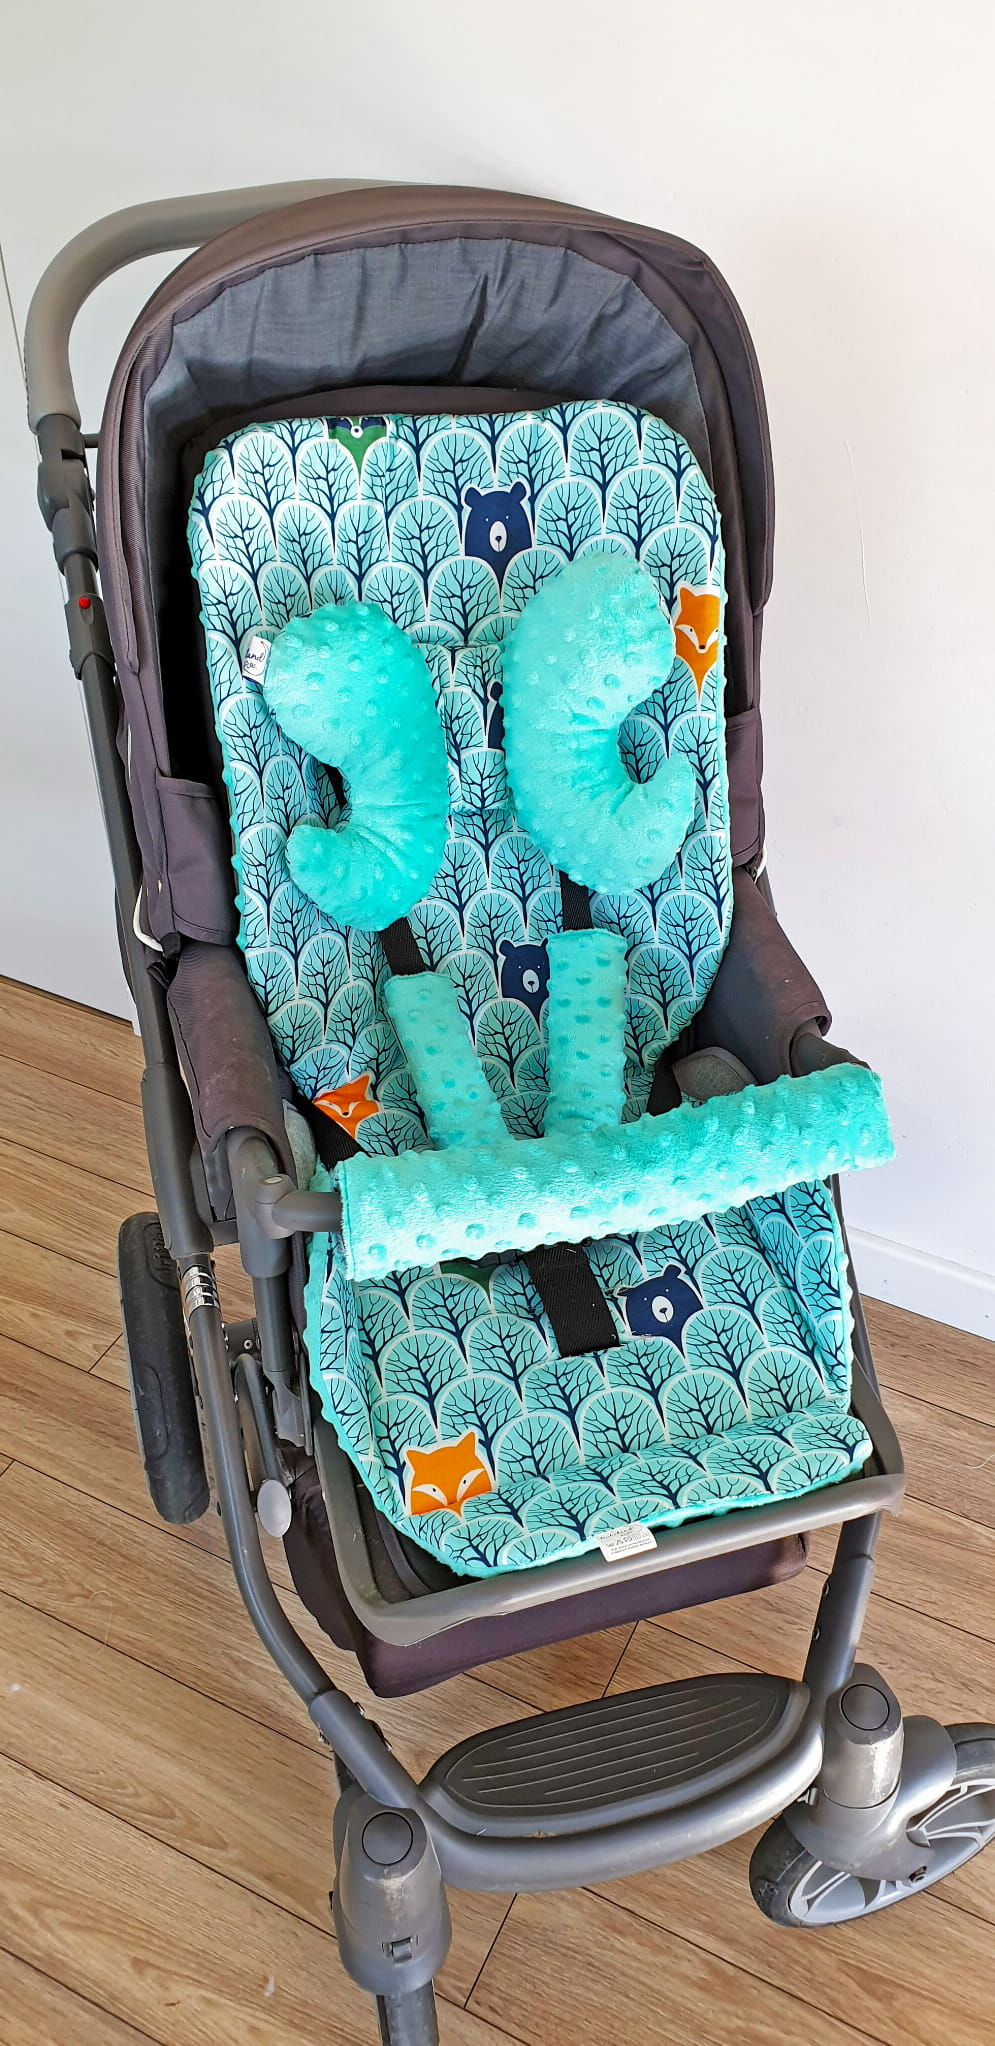 Wkładka do wózka, ochraniacze na pasy i pałąk + motylek las